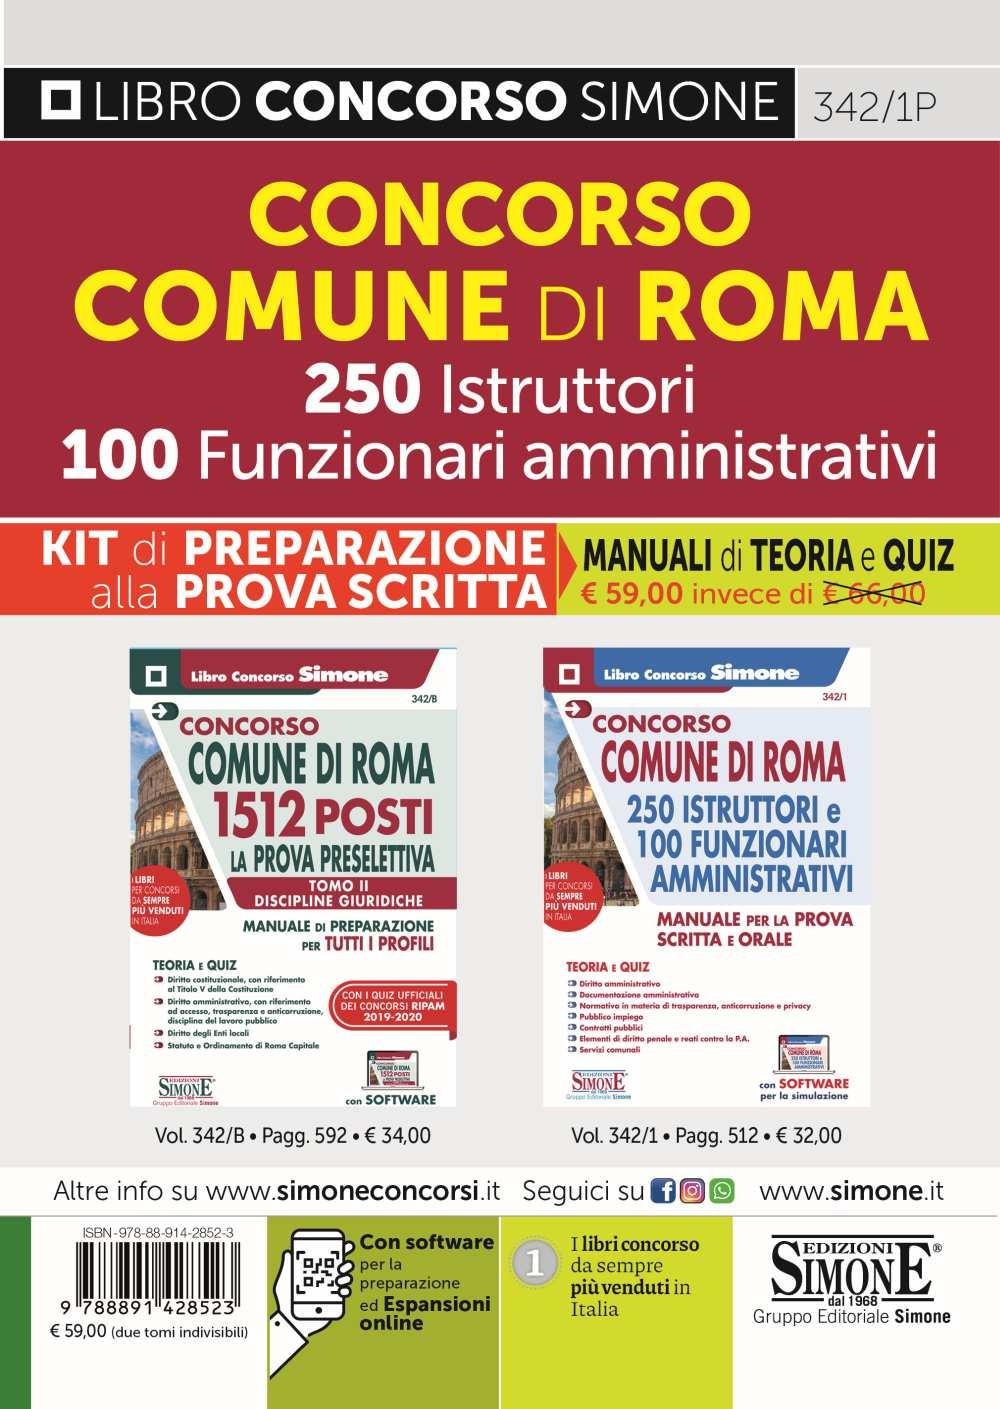 Comune di Roma 250 Istruttori 100 Funzionari Amministrativi